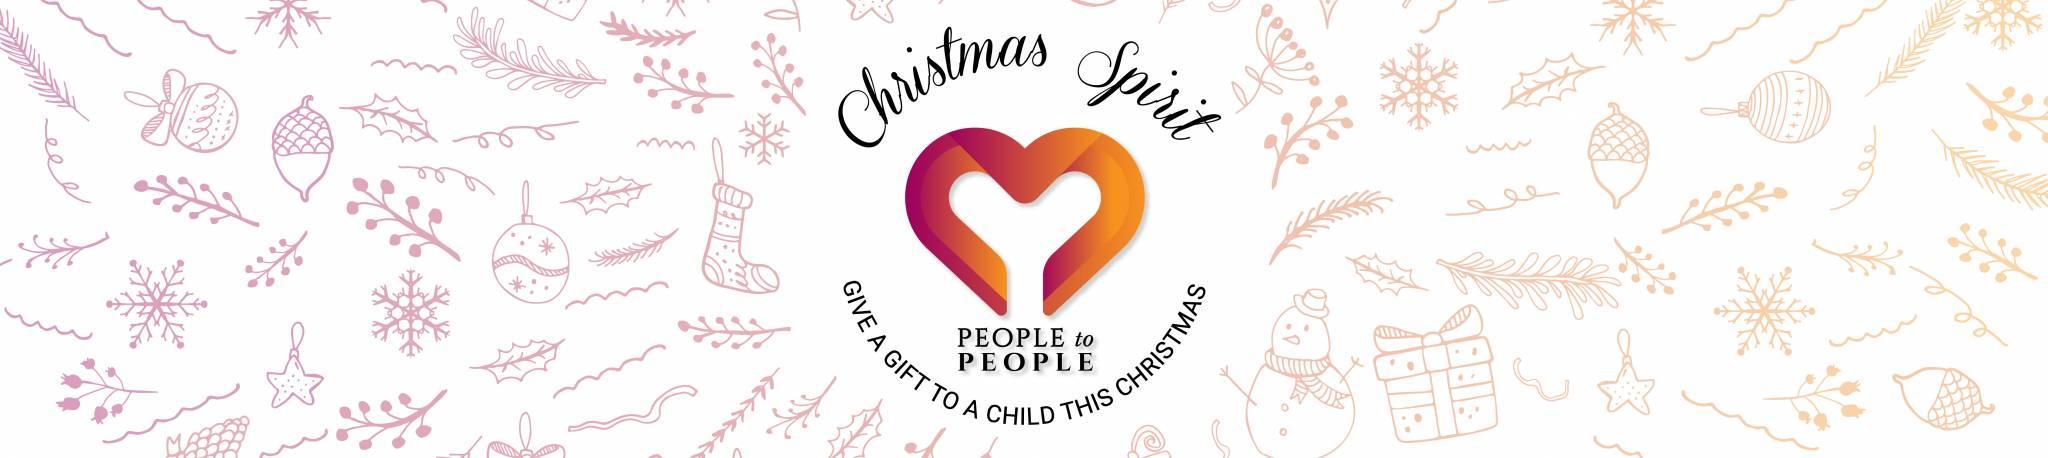 PTP Christmas Spirit Banner